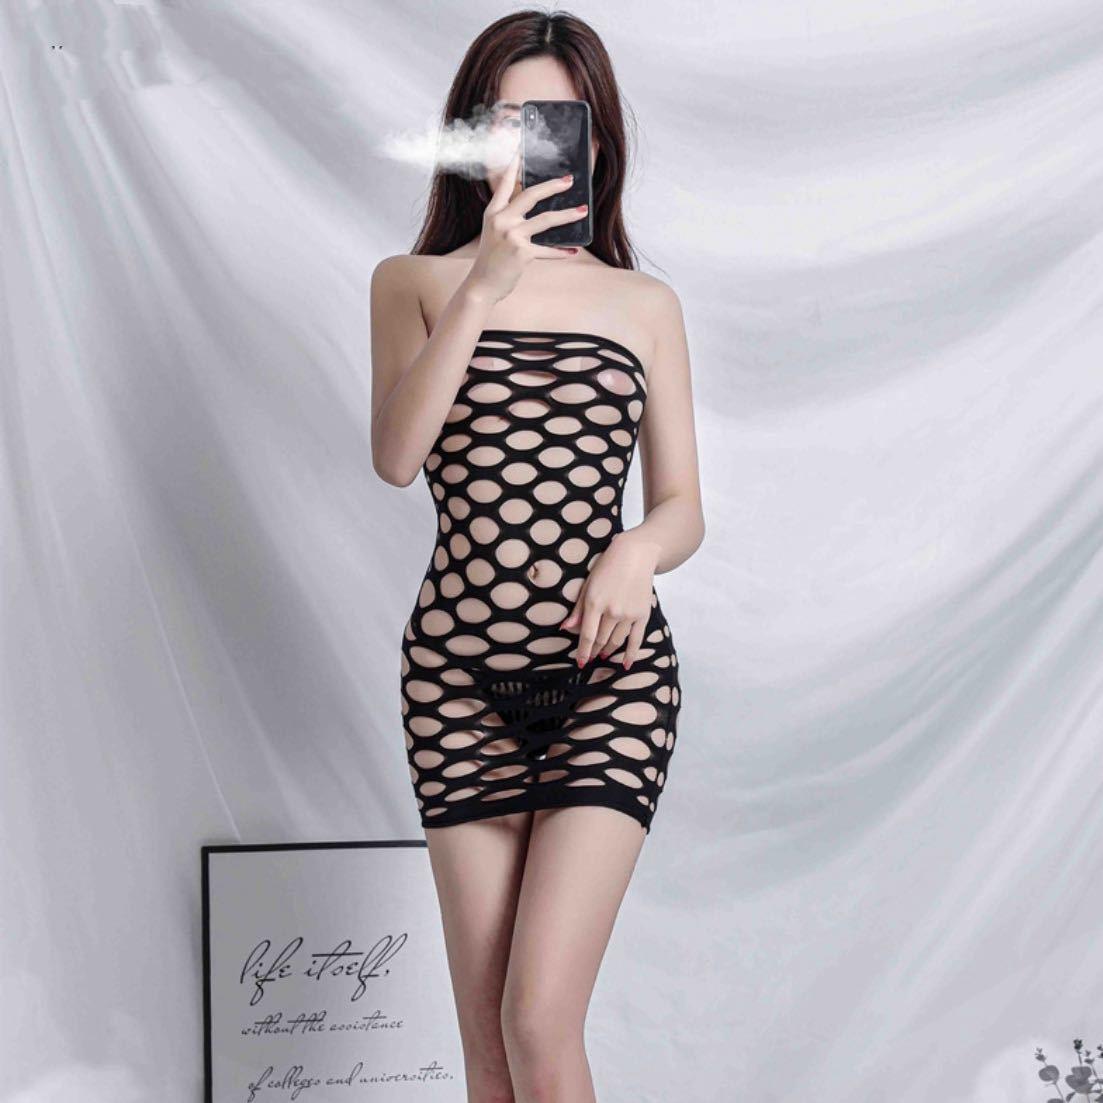 セクシーランジェリー sexyミニワンピース sexy 伸縮性 ミニワンピ 誘惑過激な女性用コスプレ衣装 オープンクロッチ